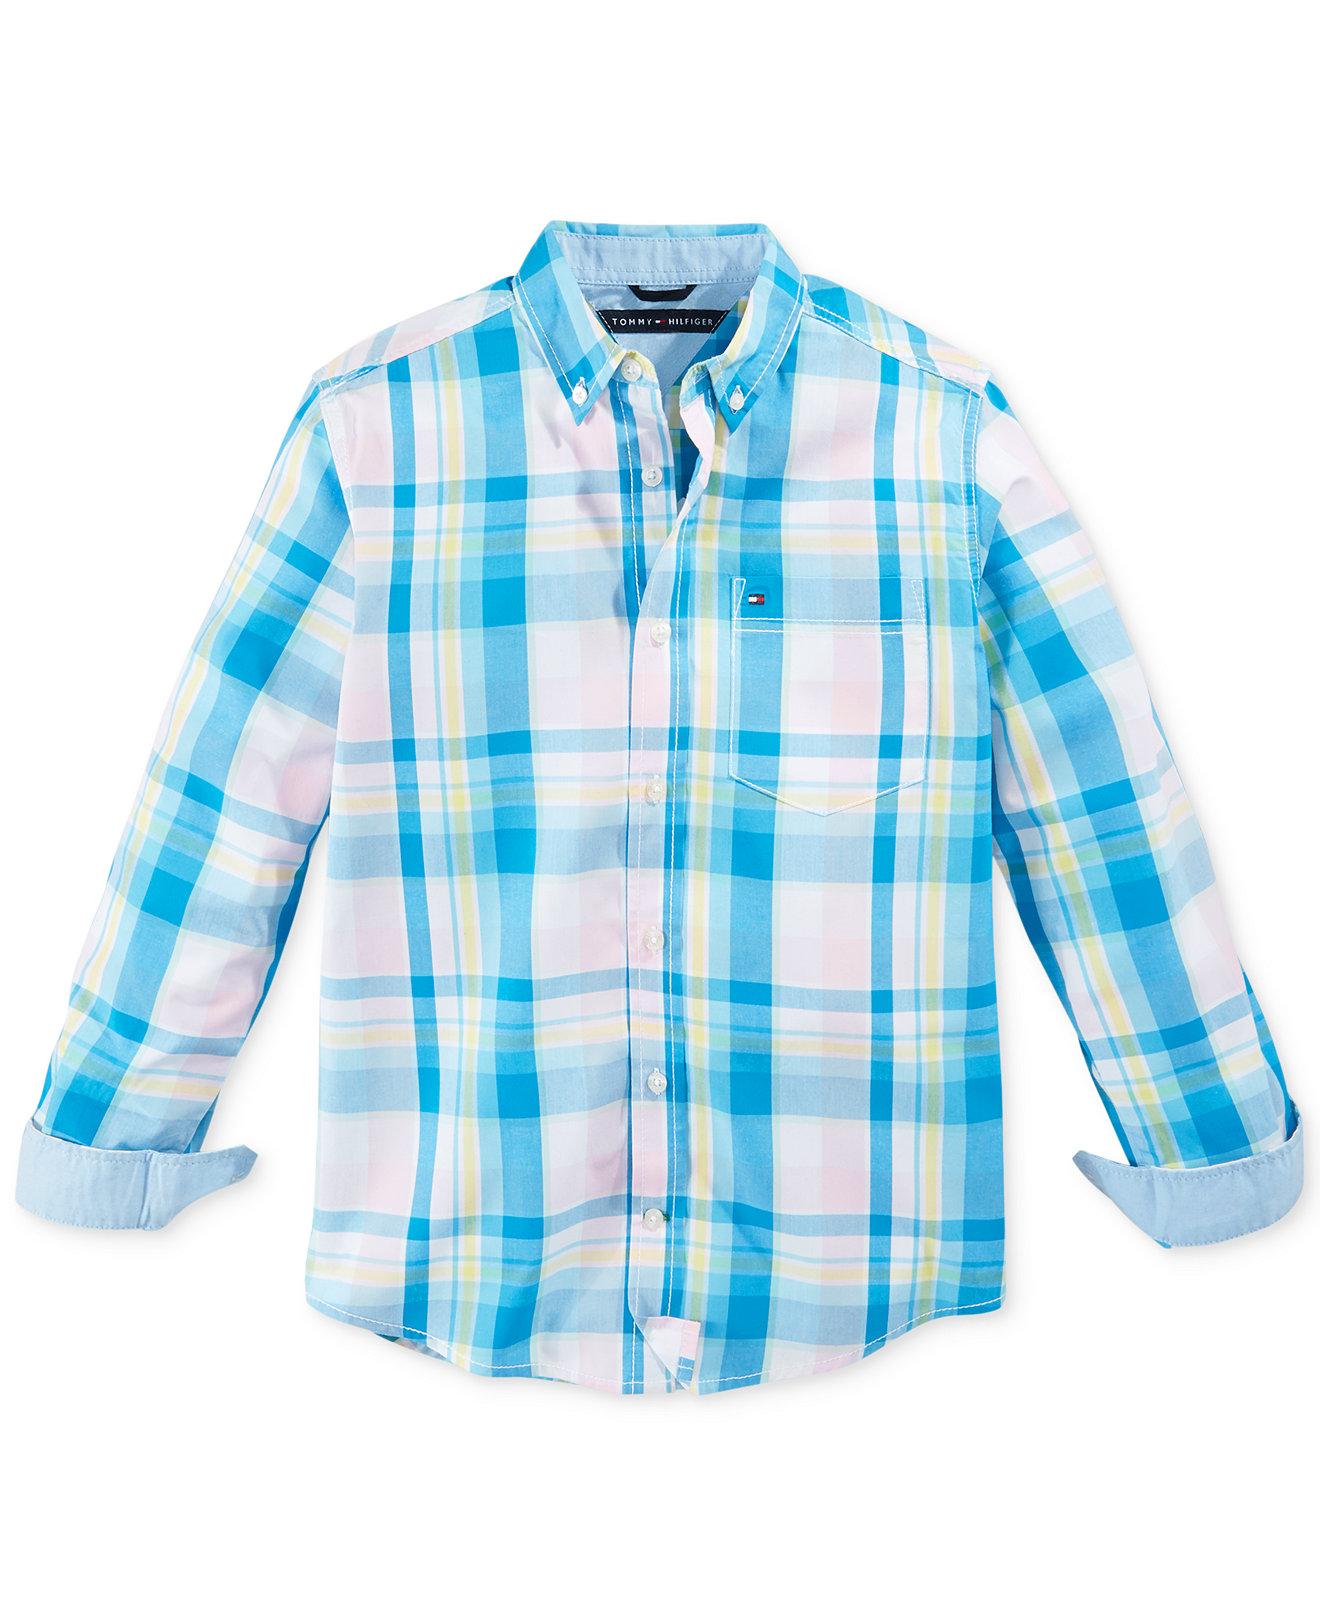 Рубашка детская Tommy hilfiger  2015 ML футболка детская tommy hilfiger 15